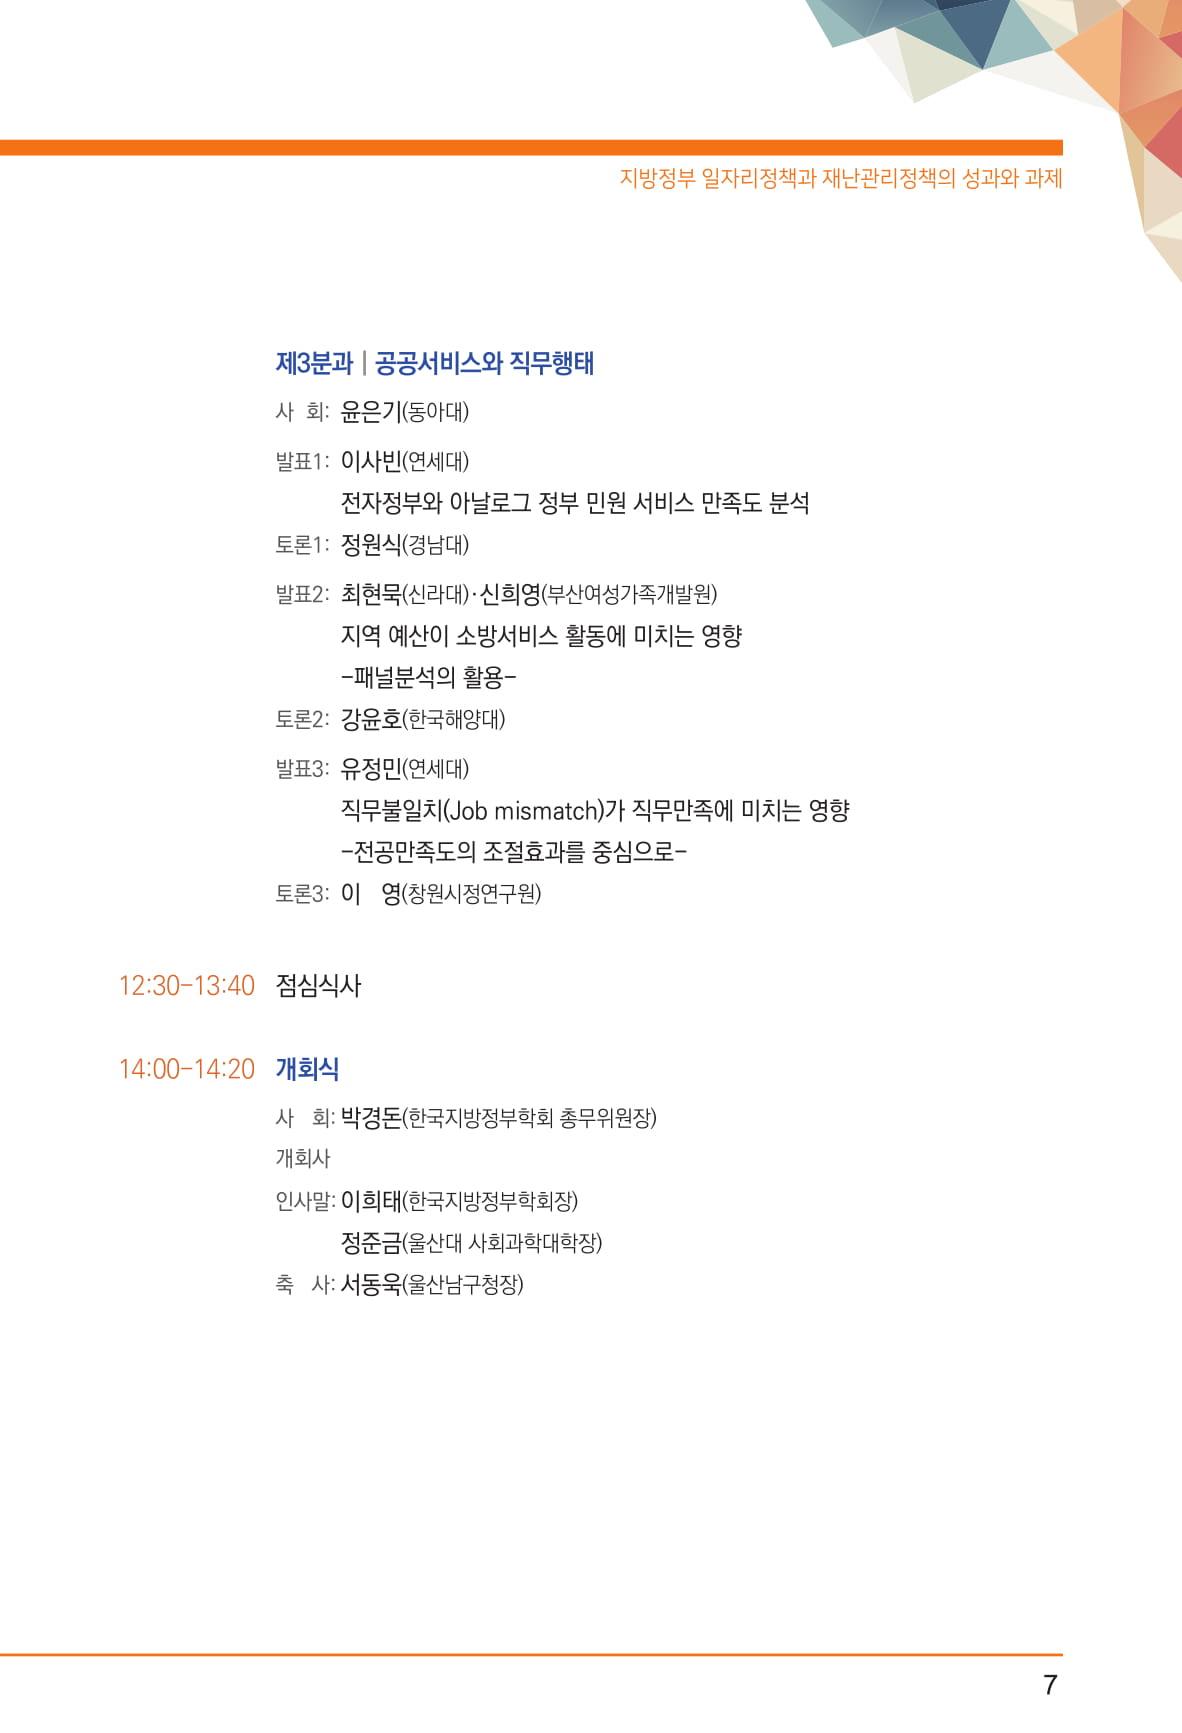 12_지방정부_춘계초청-07.jpg